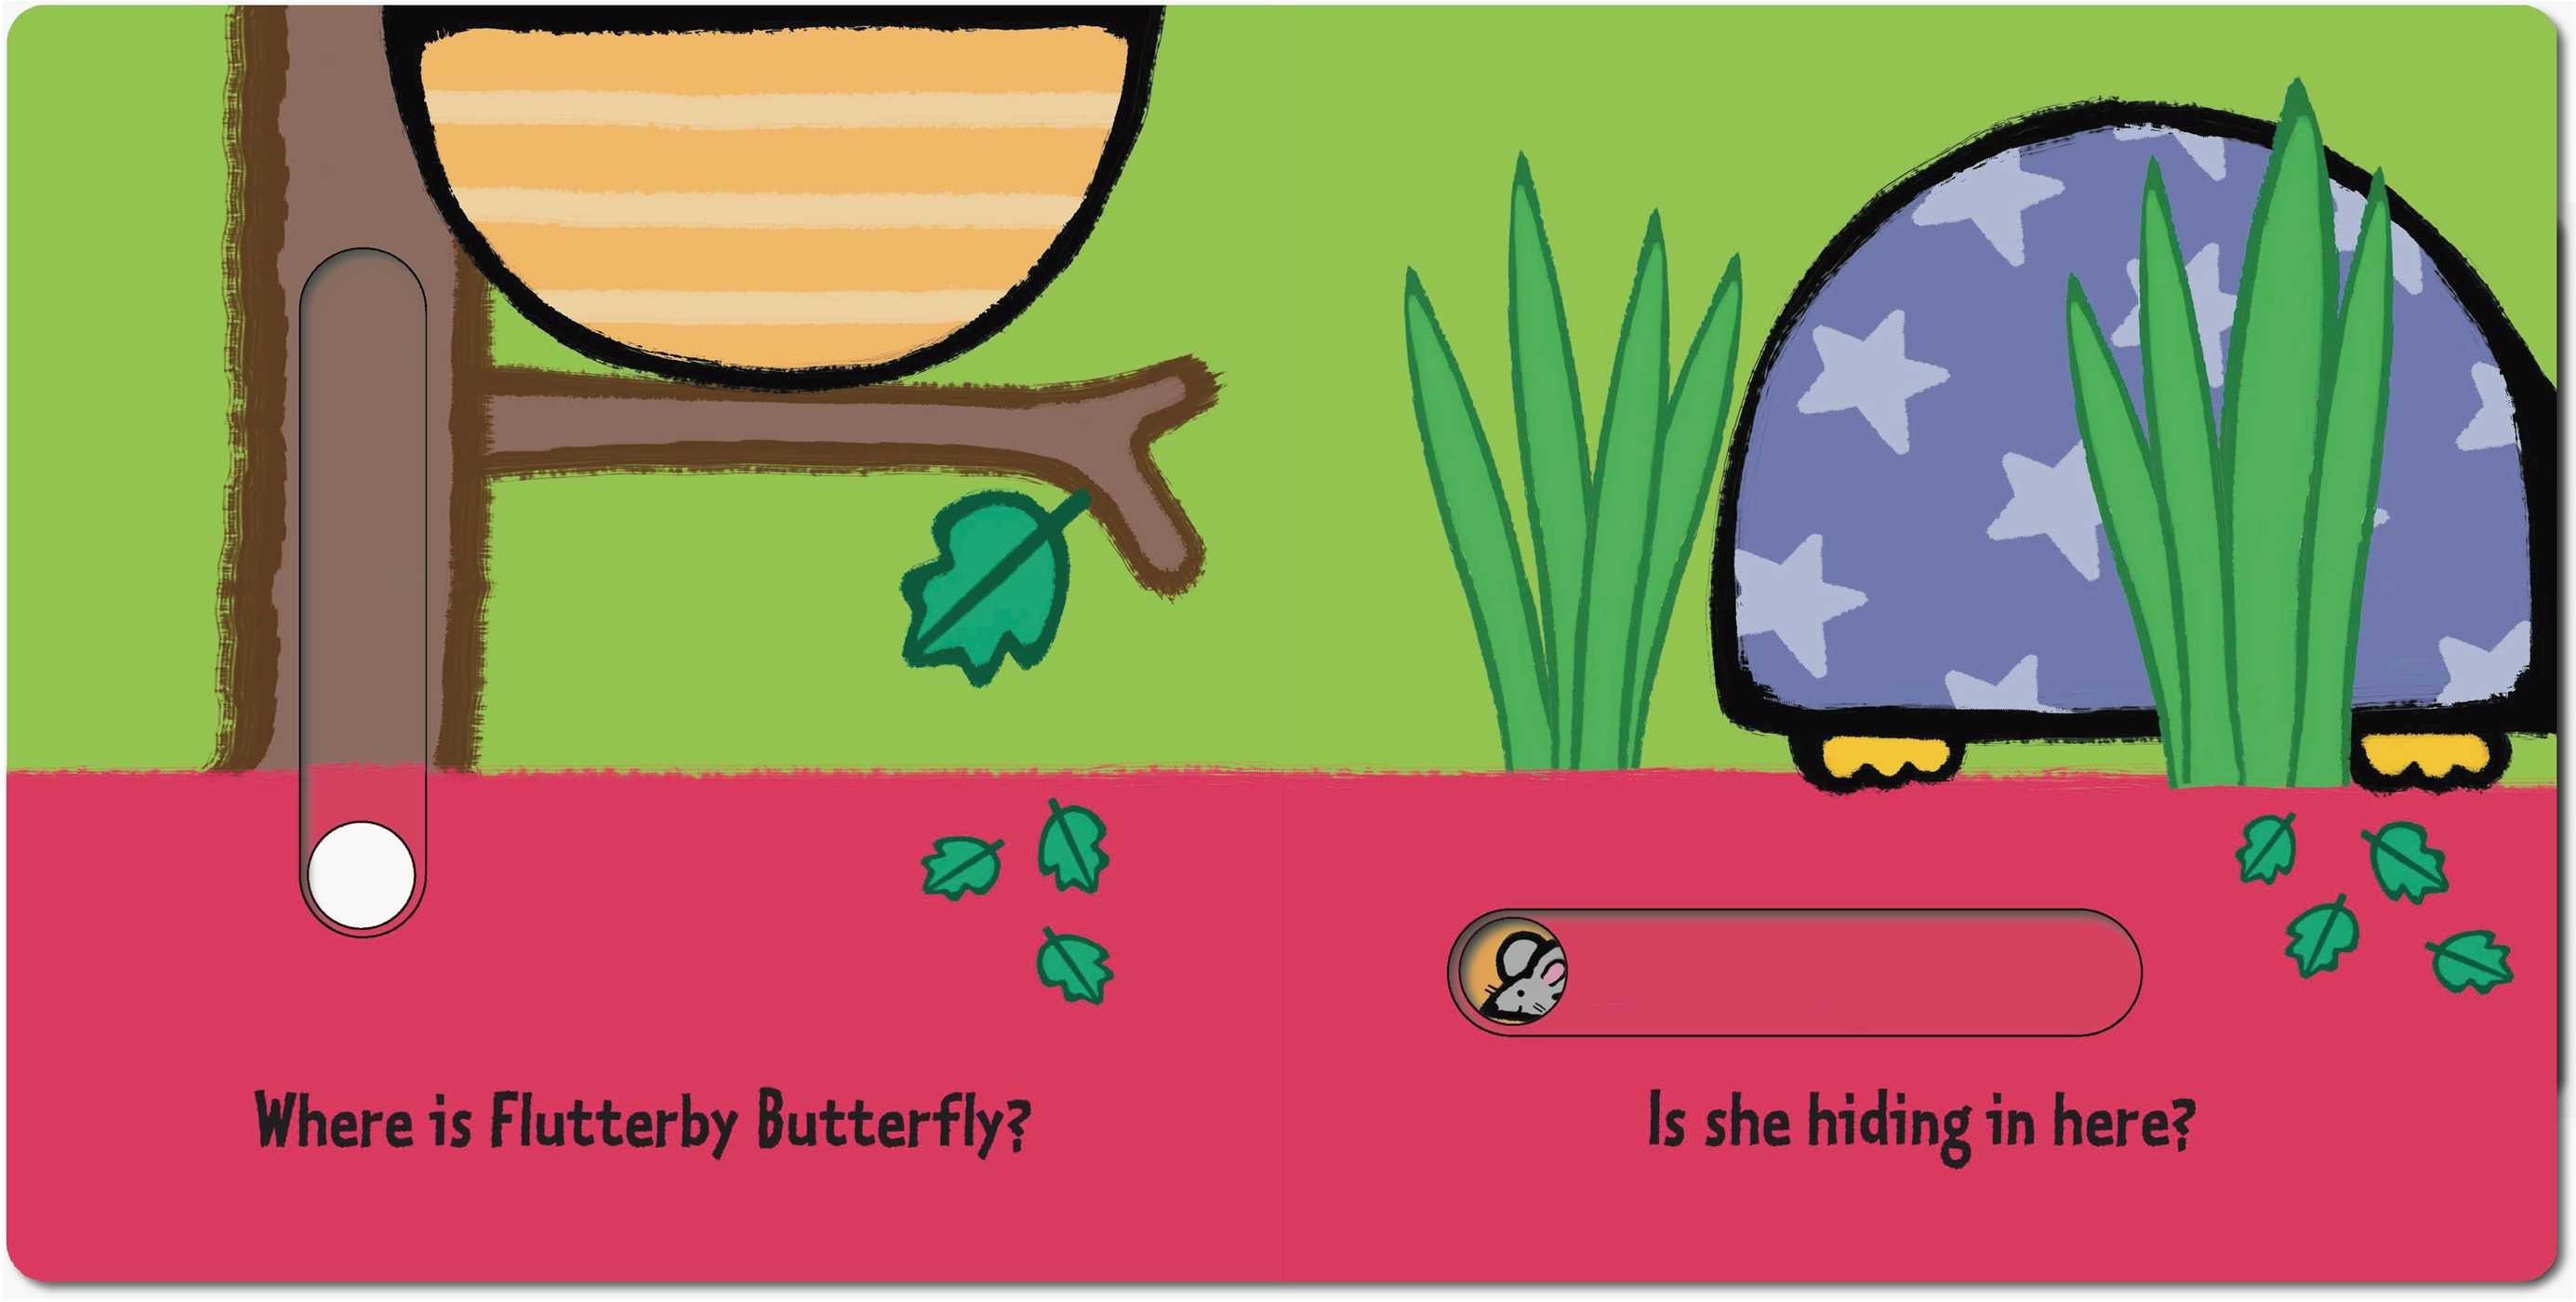 Flutterby butterfly 9781499800296.in01